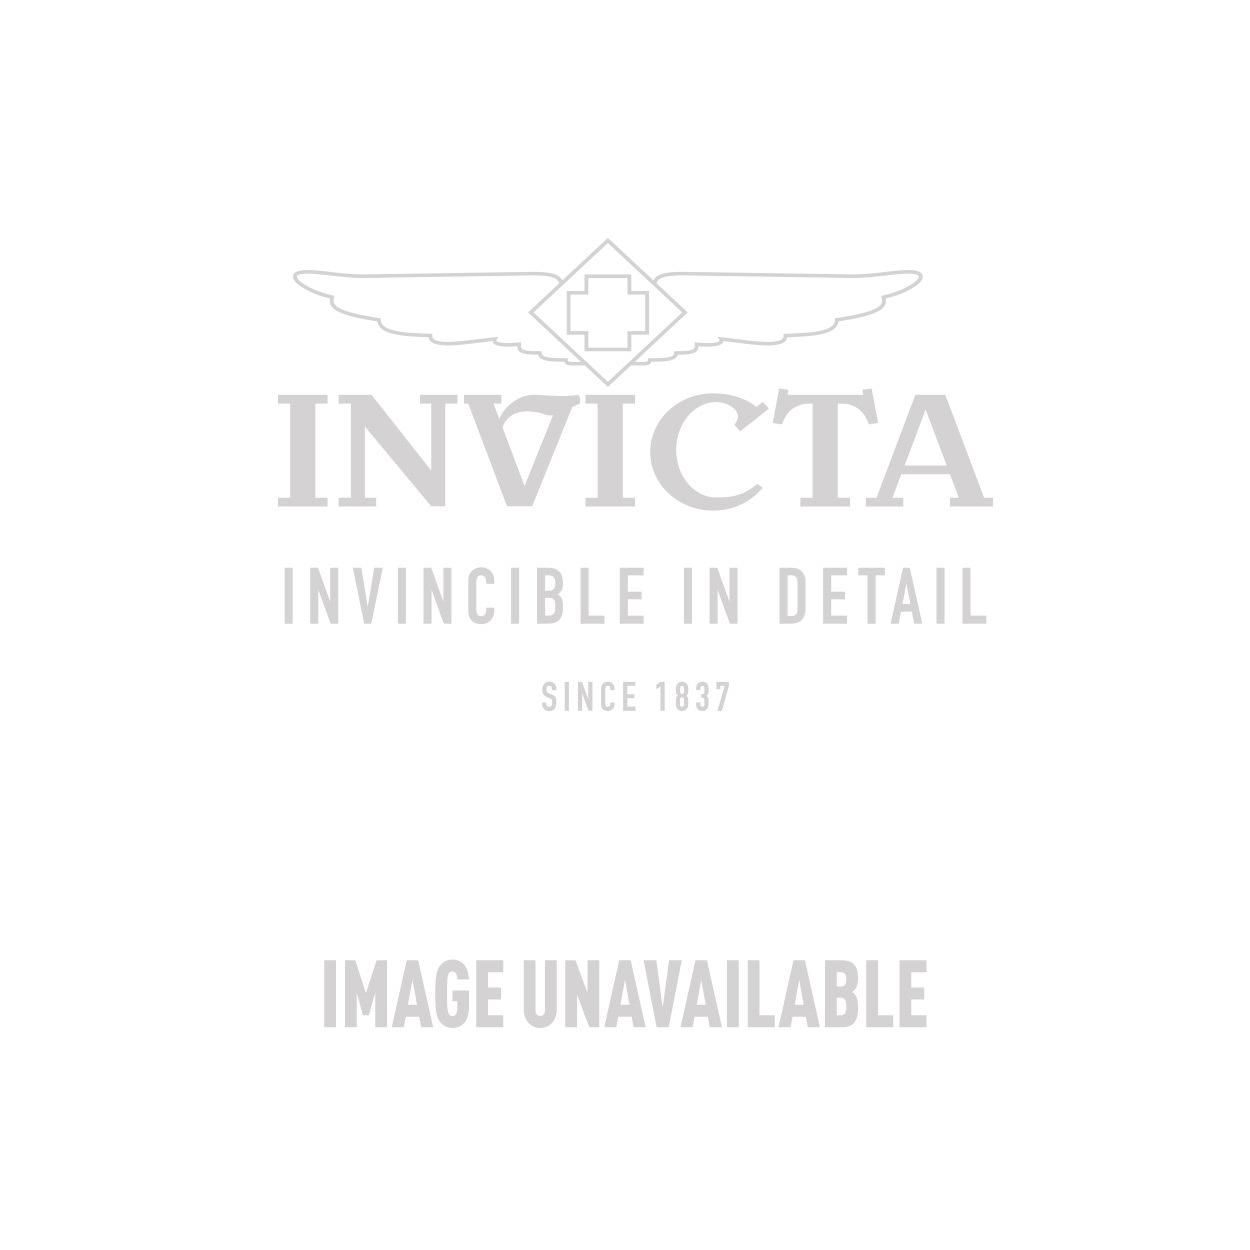 Invicta Model 24922